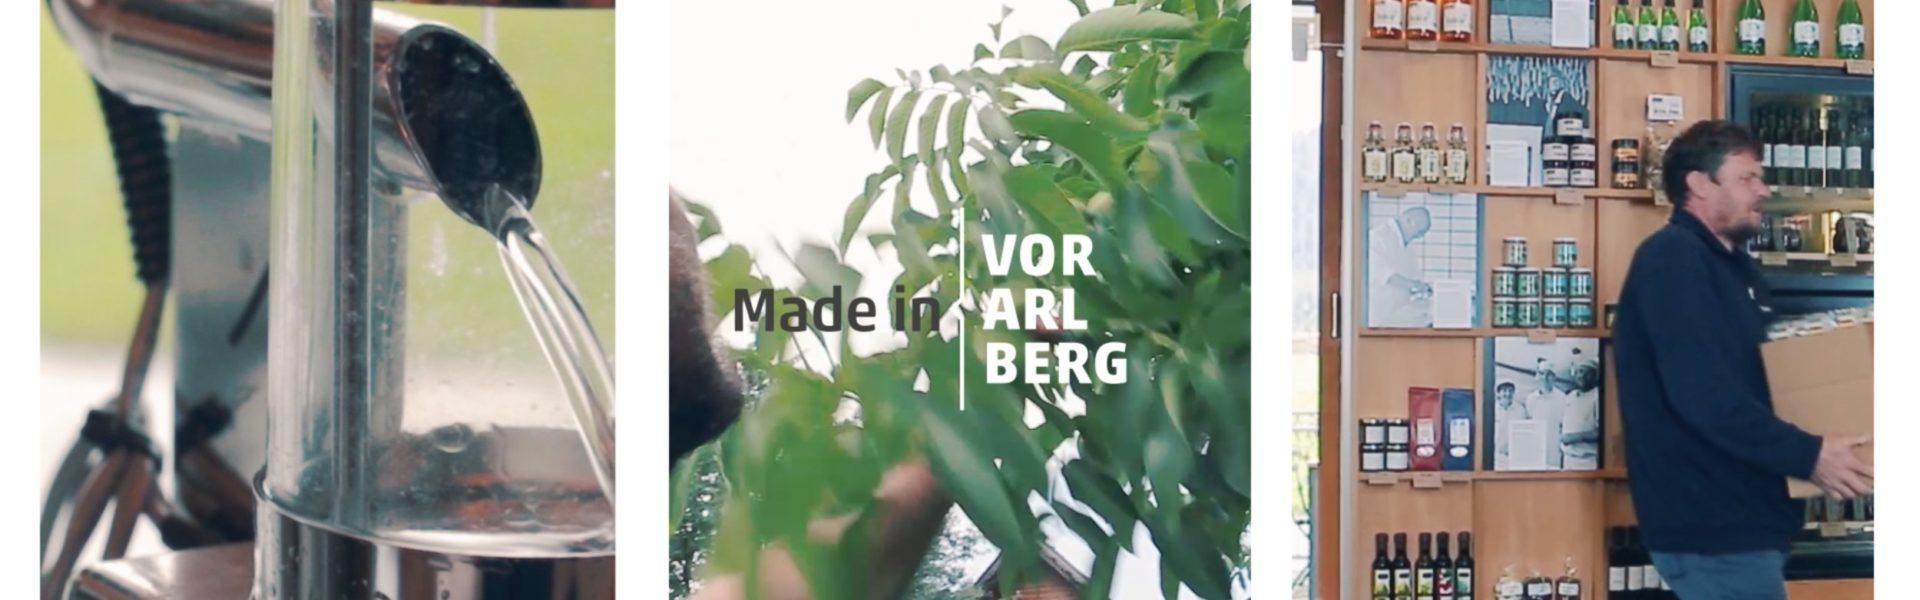 Schobel Höchstgenuss, Made in Vorarlberg, Video © Markus Gmeiner Matak films / Vorarlberg Tourismus GmbH